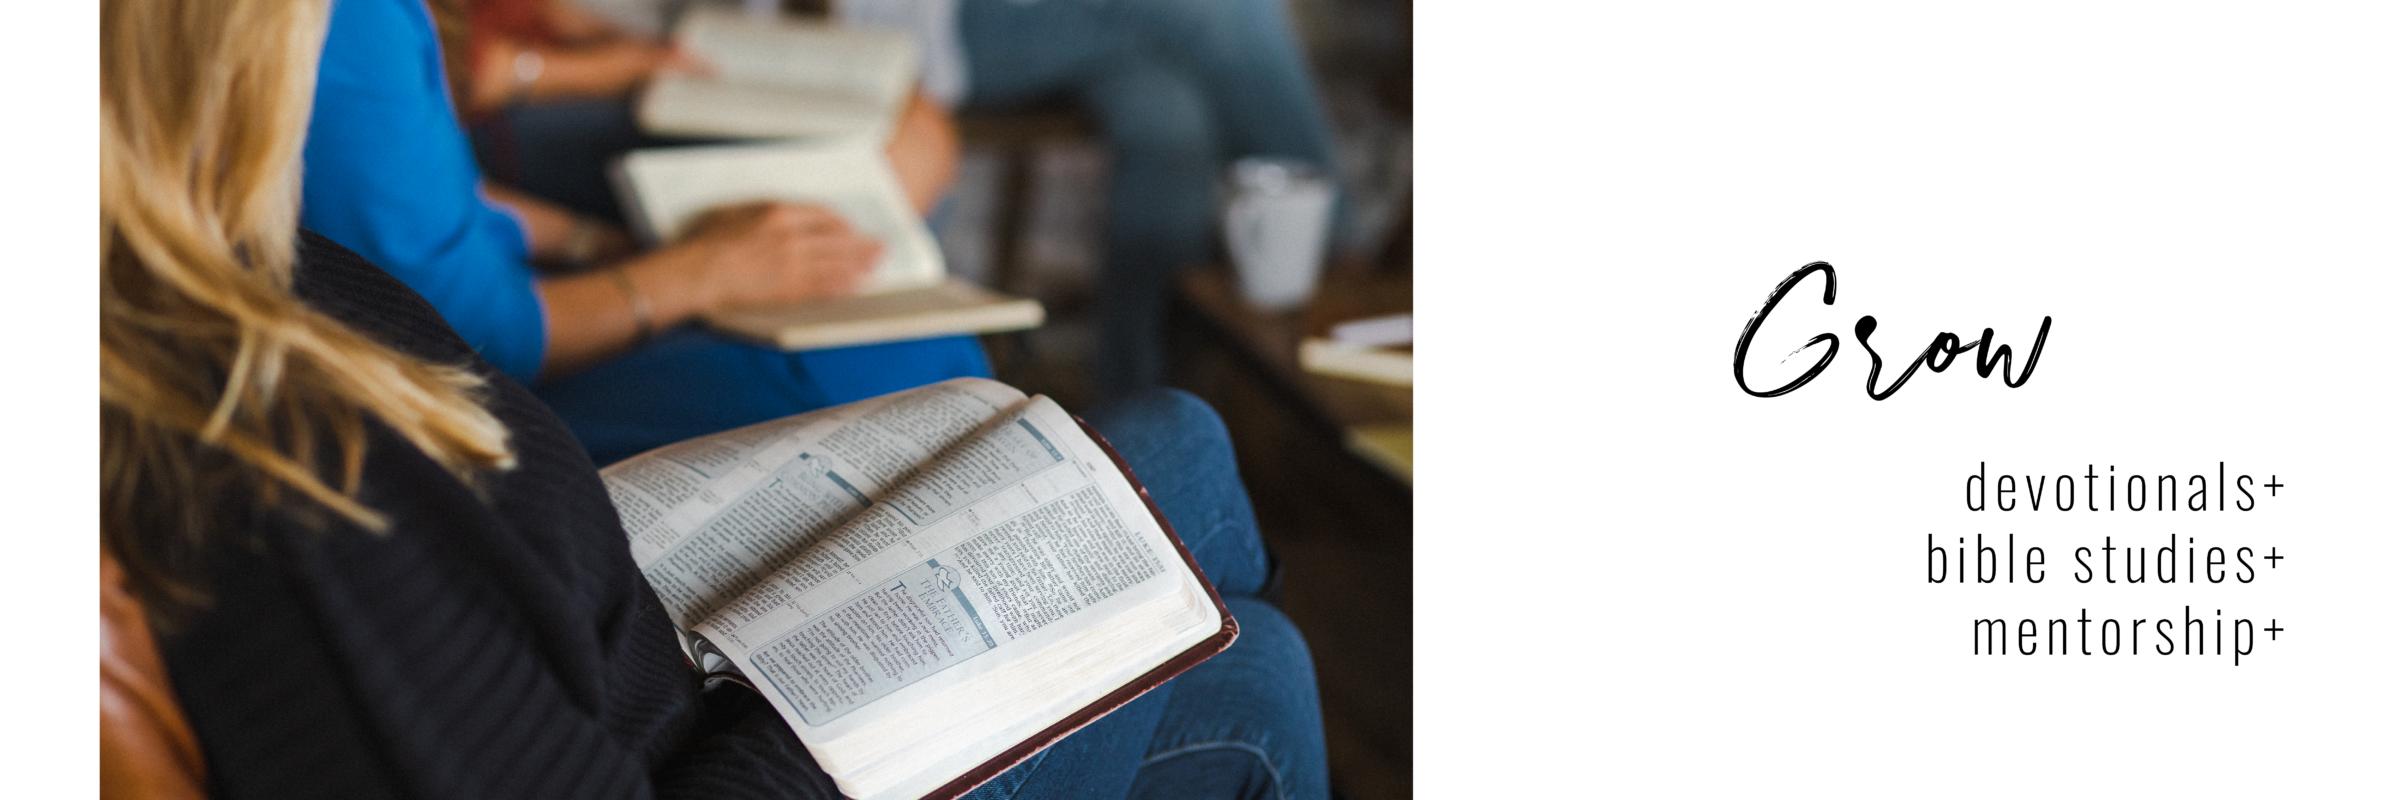 Grow: devotionals, bible studies. mentorship